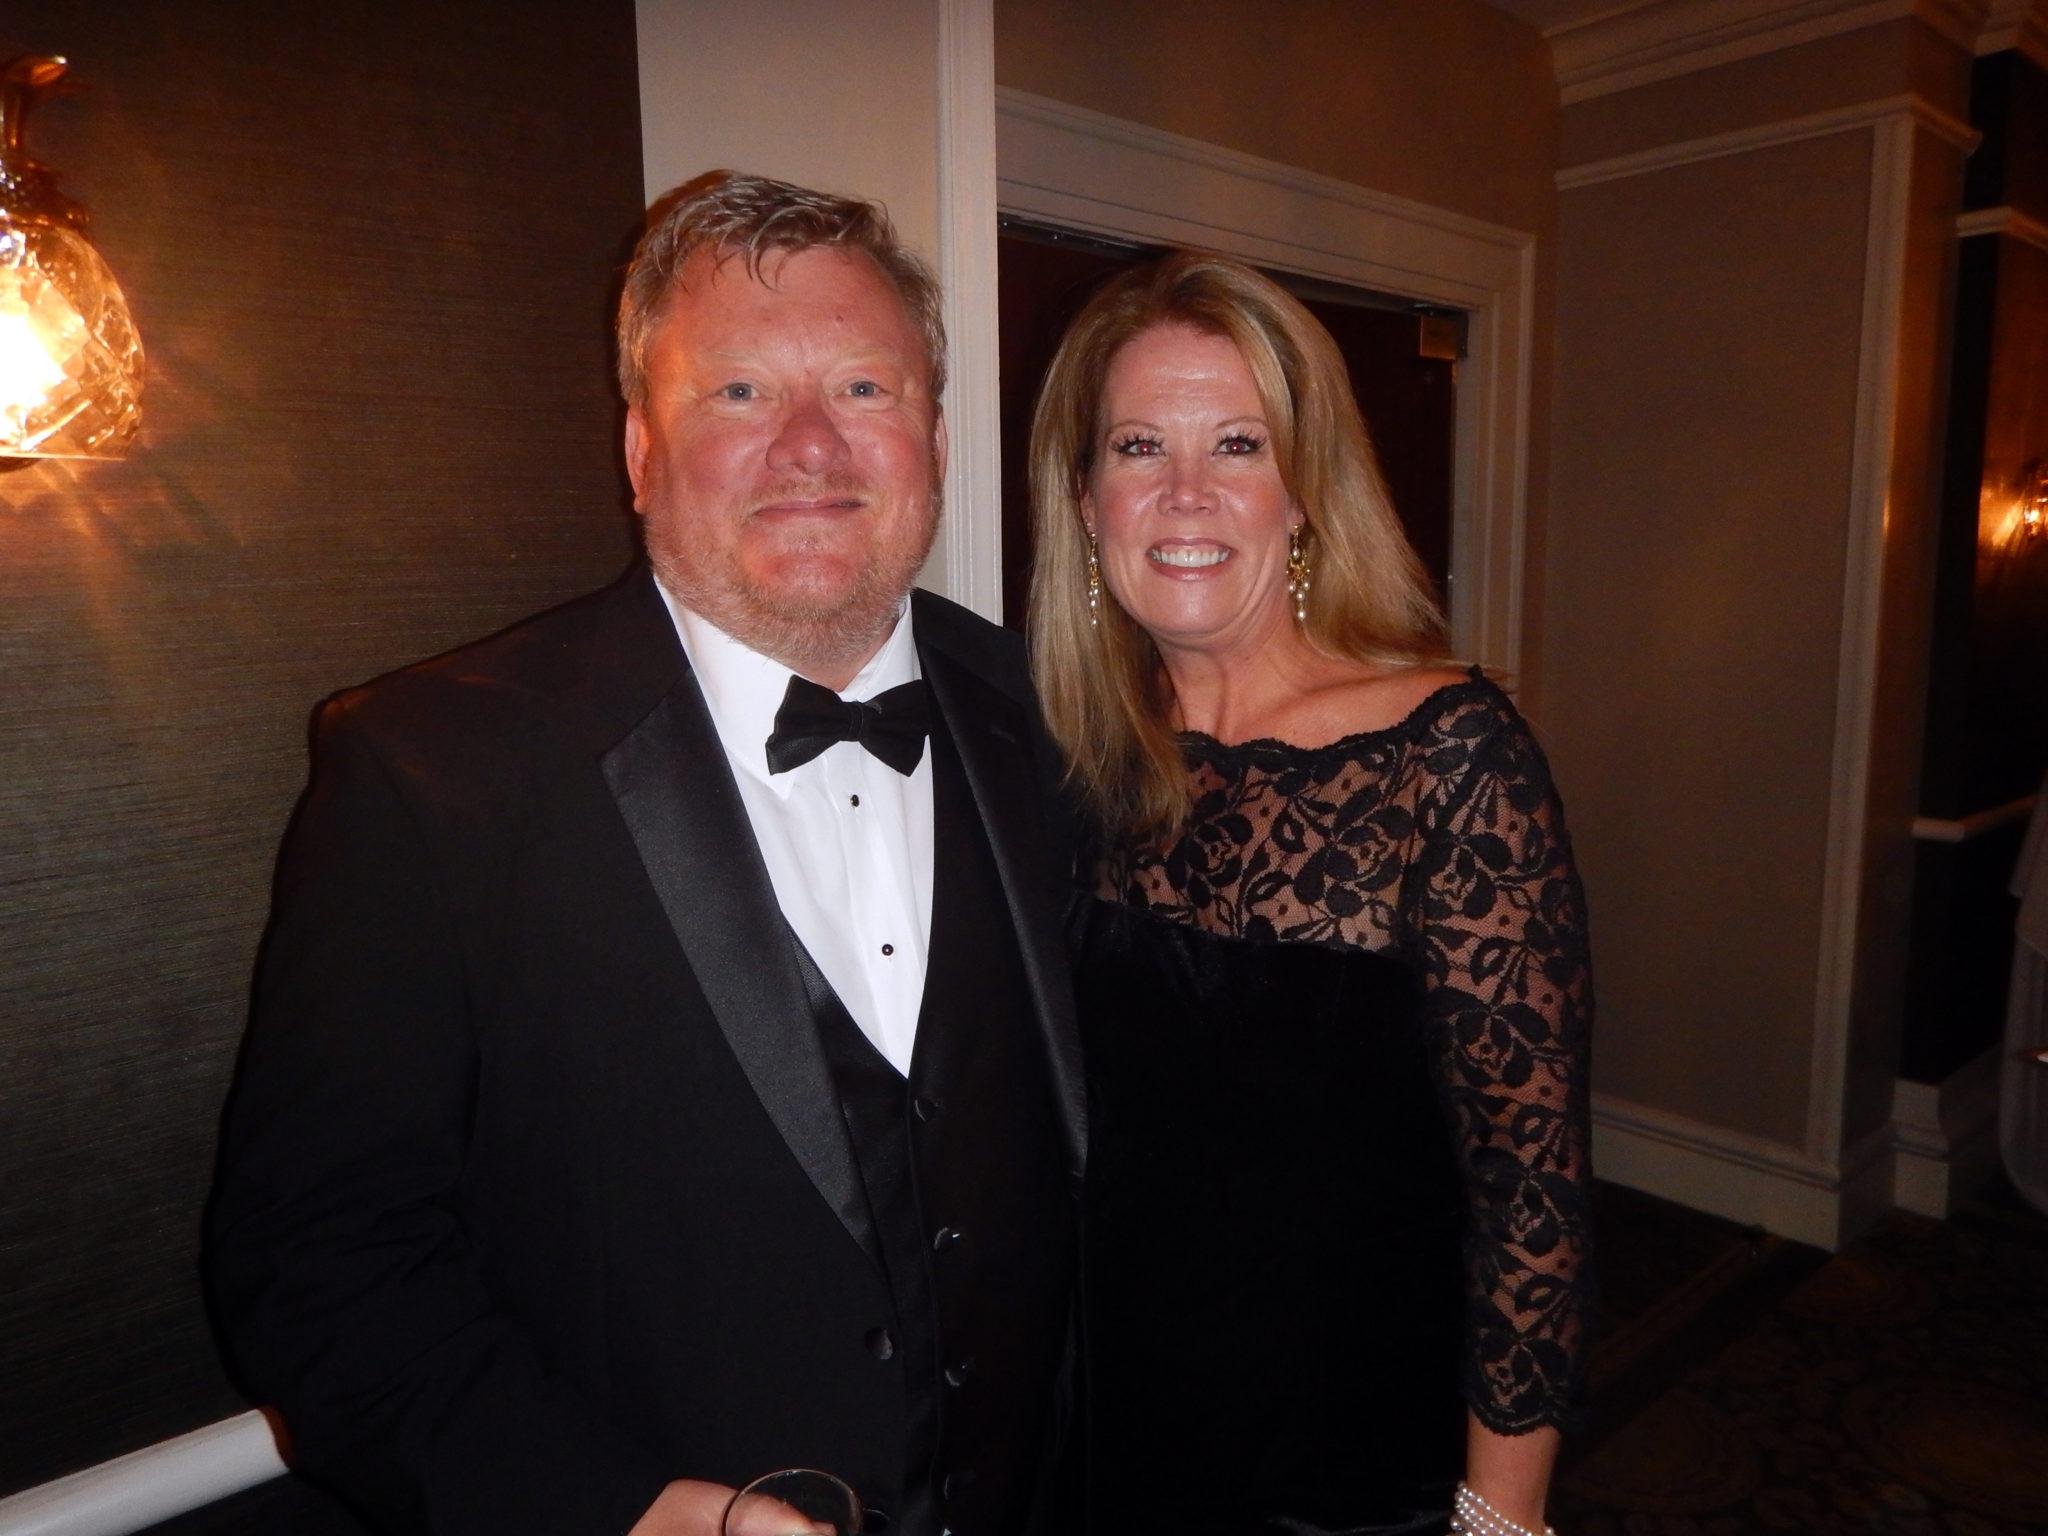 IATSBA President Jim Waldon and Ralene Wilhelm